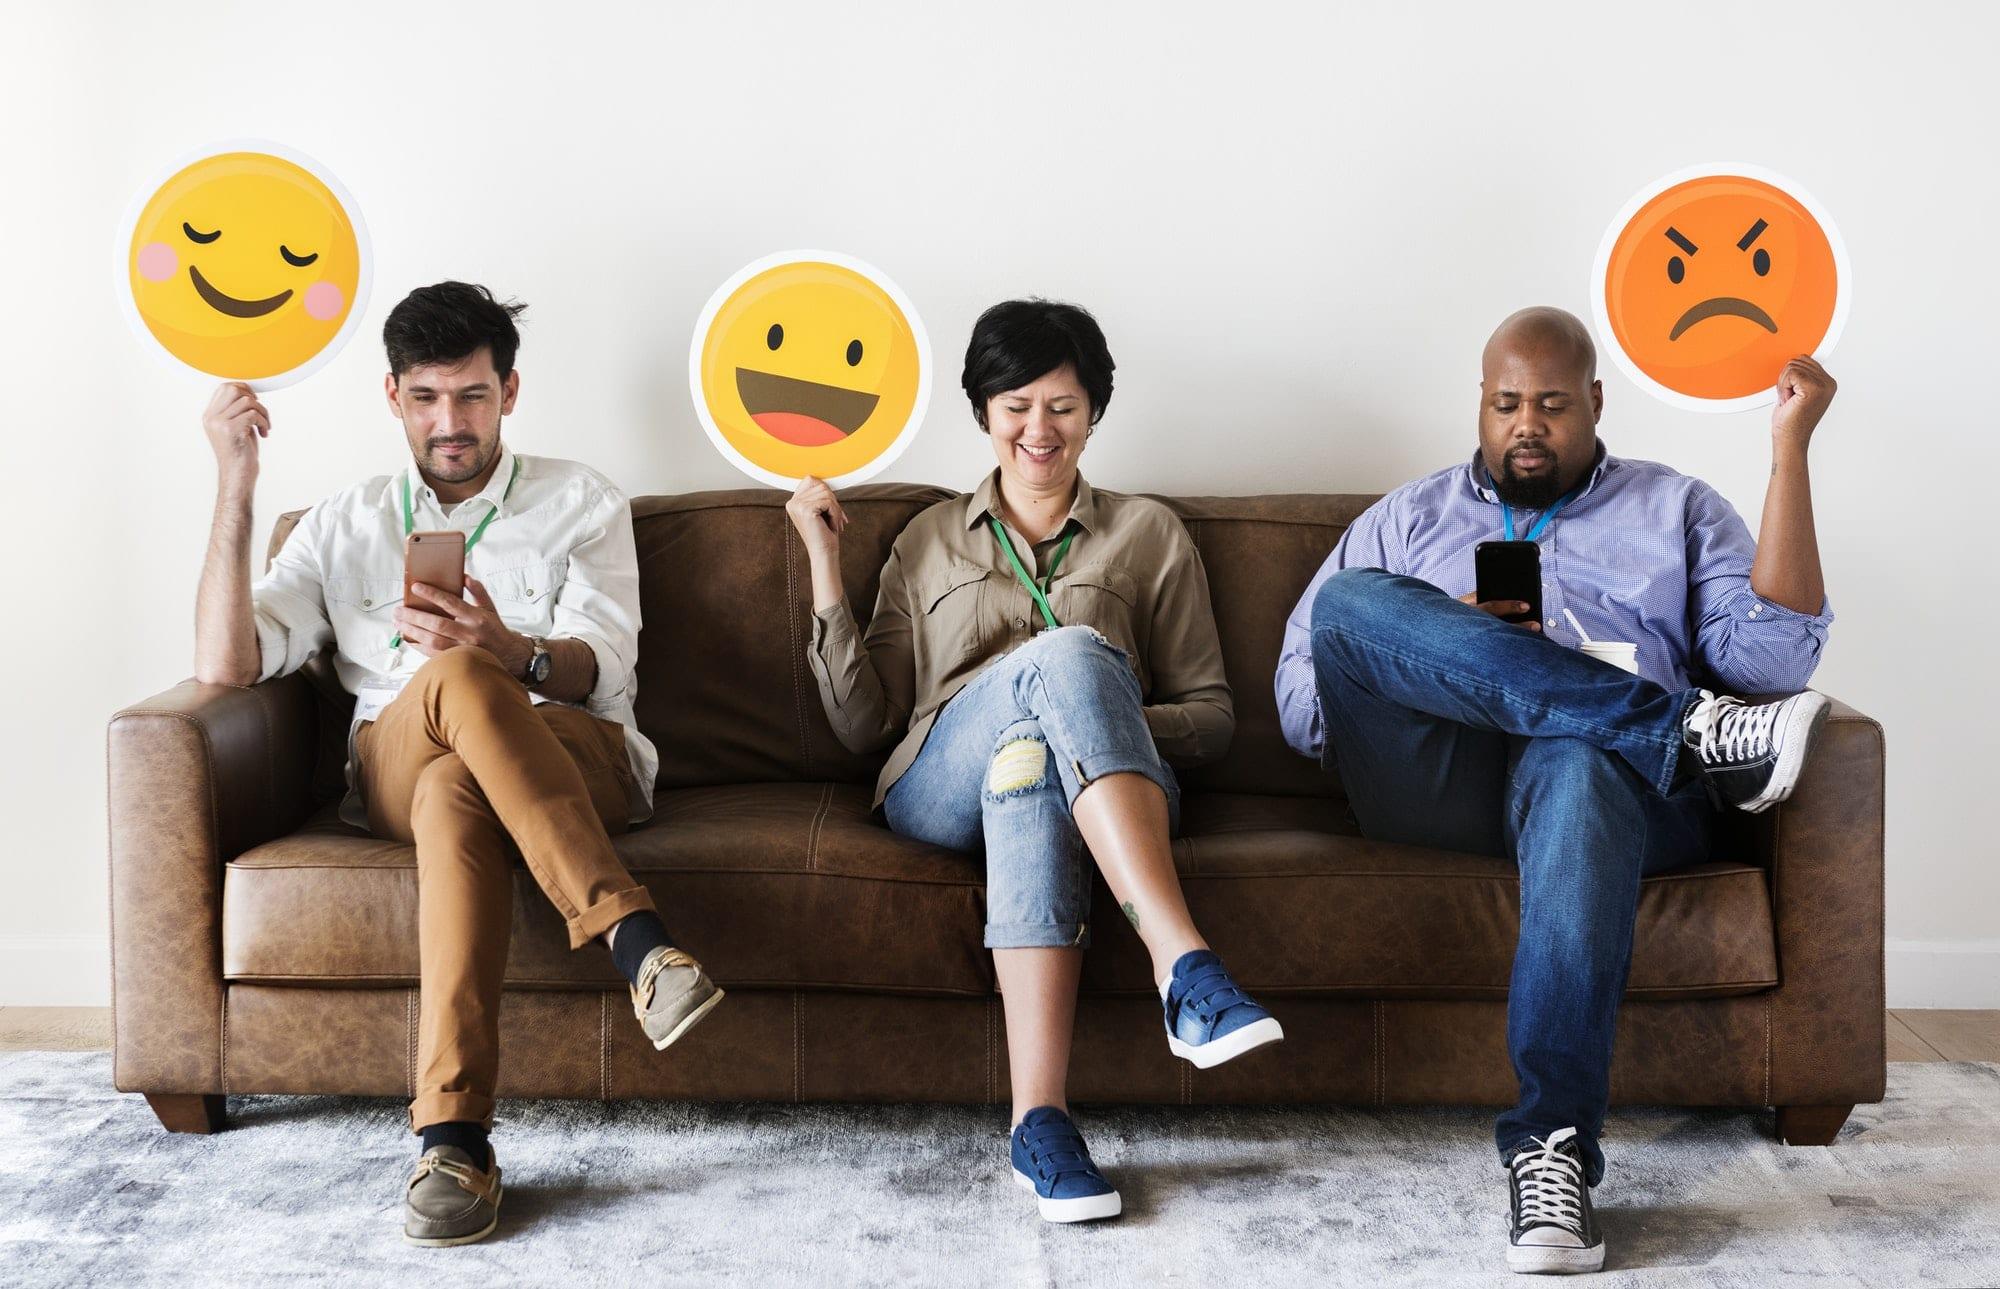 Diverse people sitting and holding emojis logos